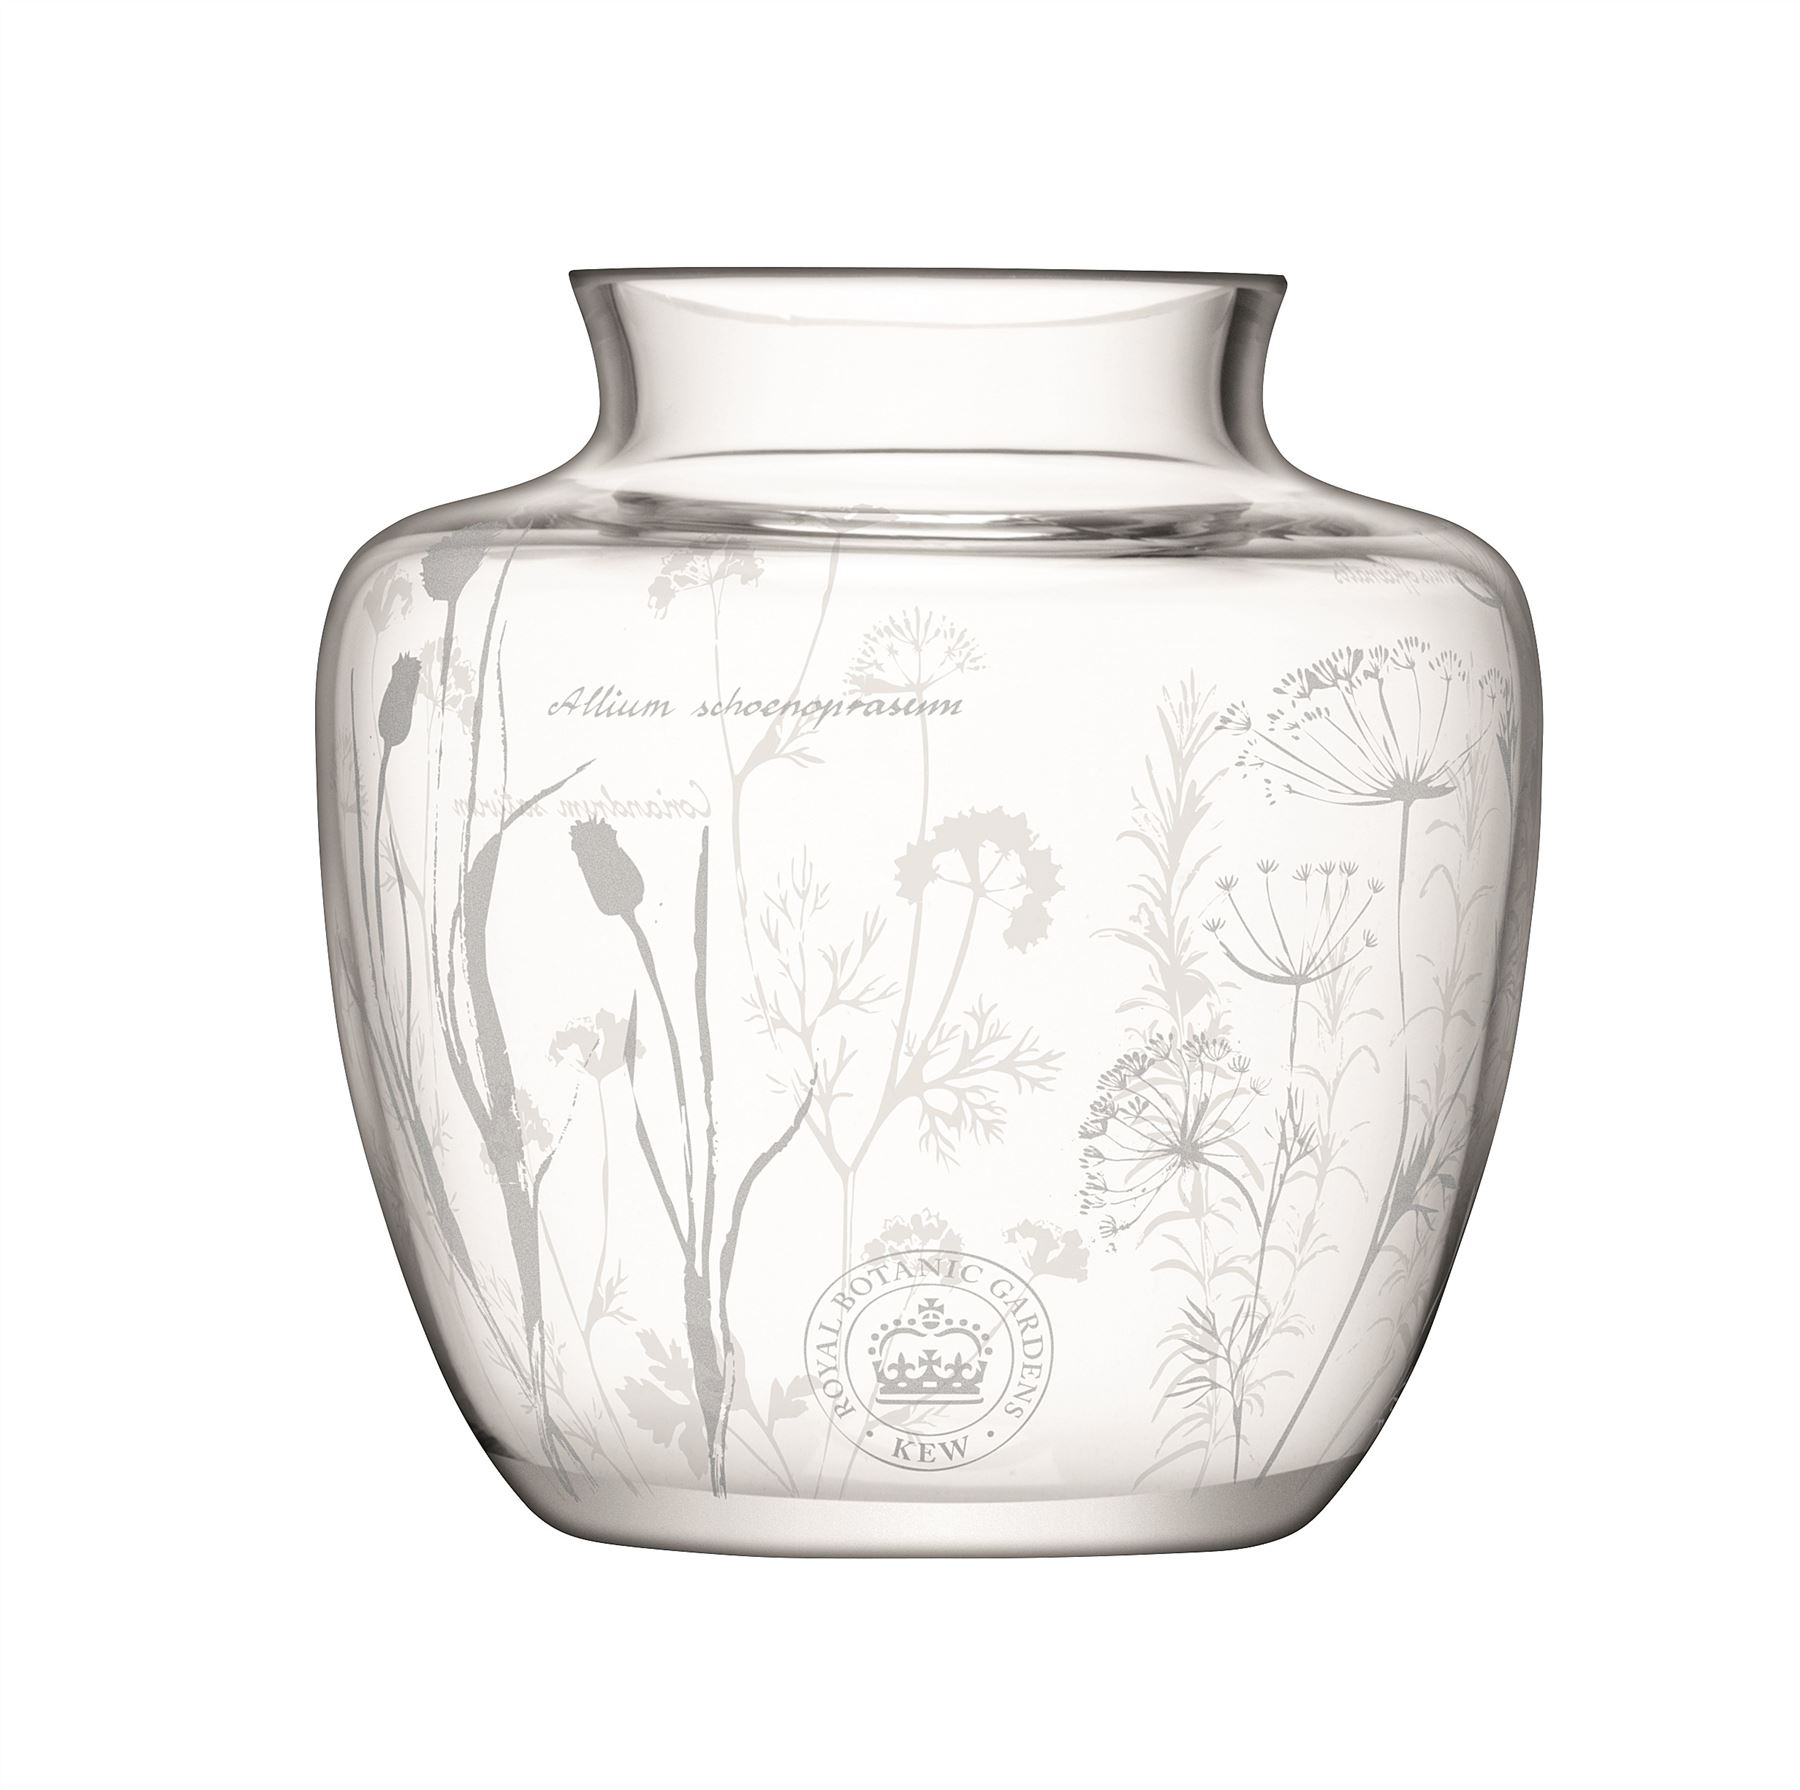 lsa kew g rten glas vase ge tzt kr uter blumen design 15cm or 12cm ebay. Black Bedroom Furniture Sets. Home Design Ideas